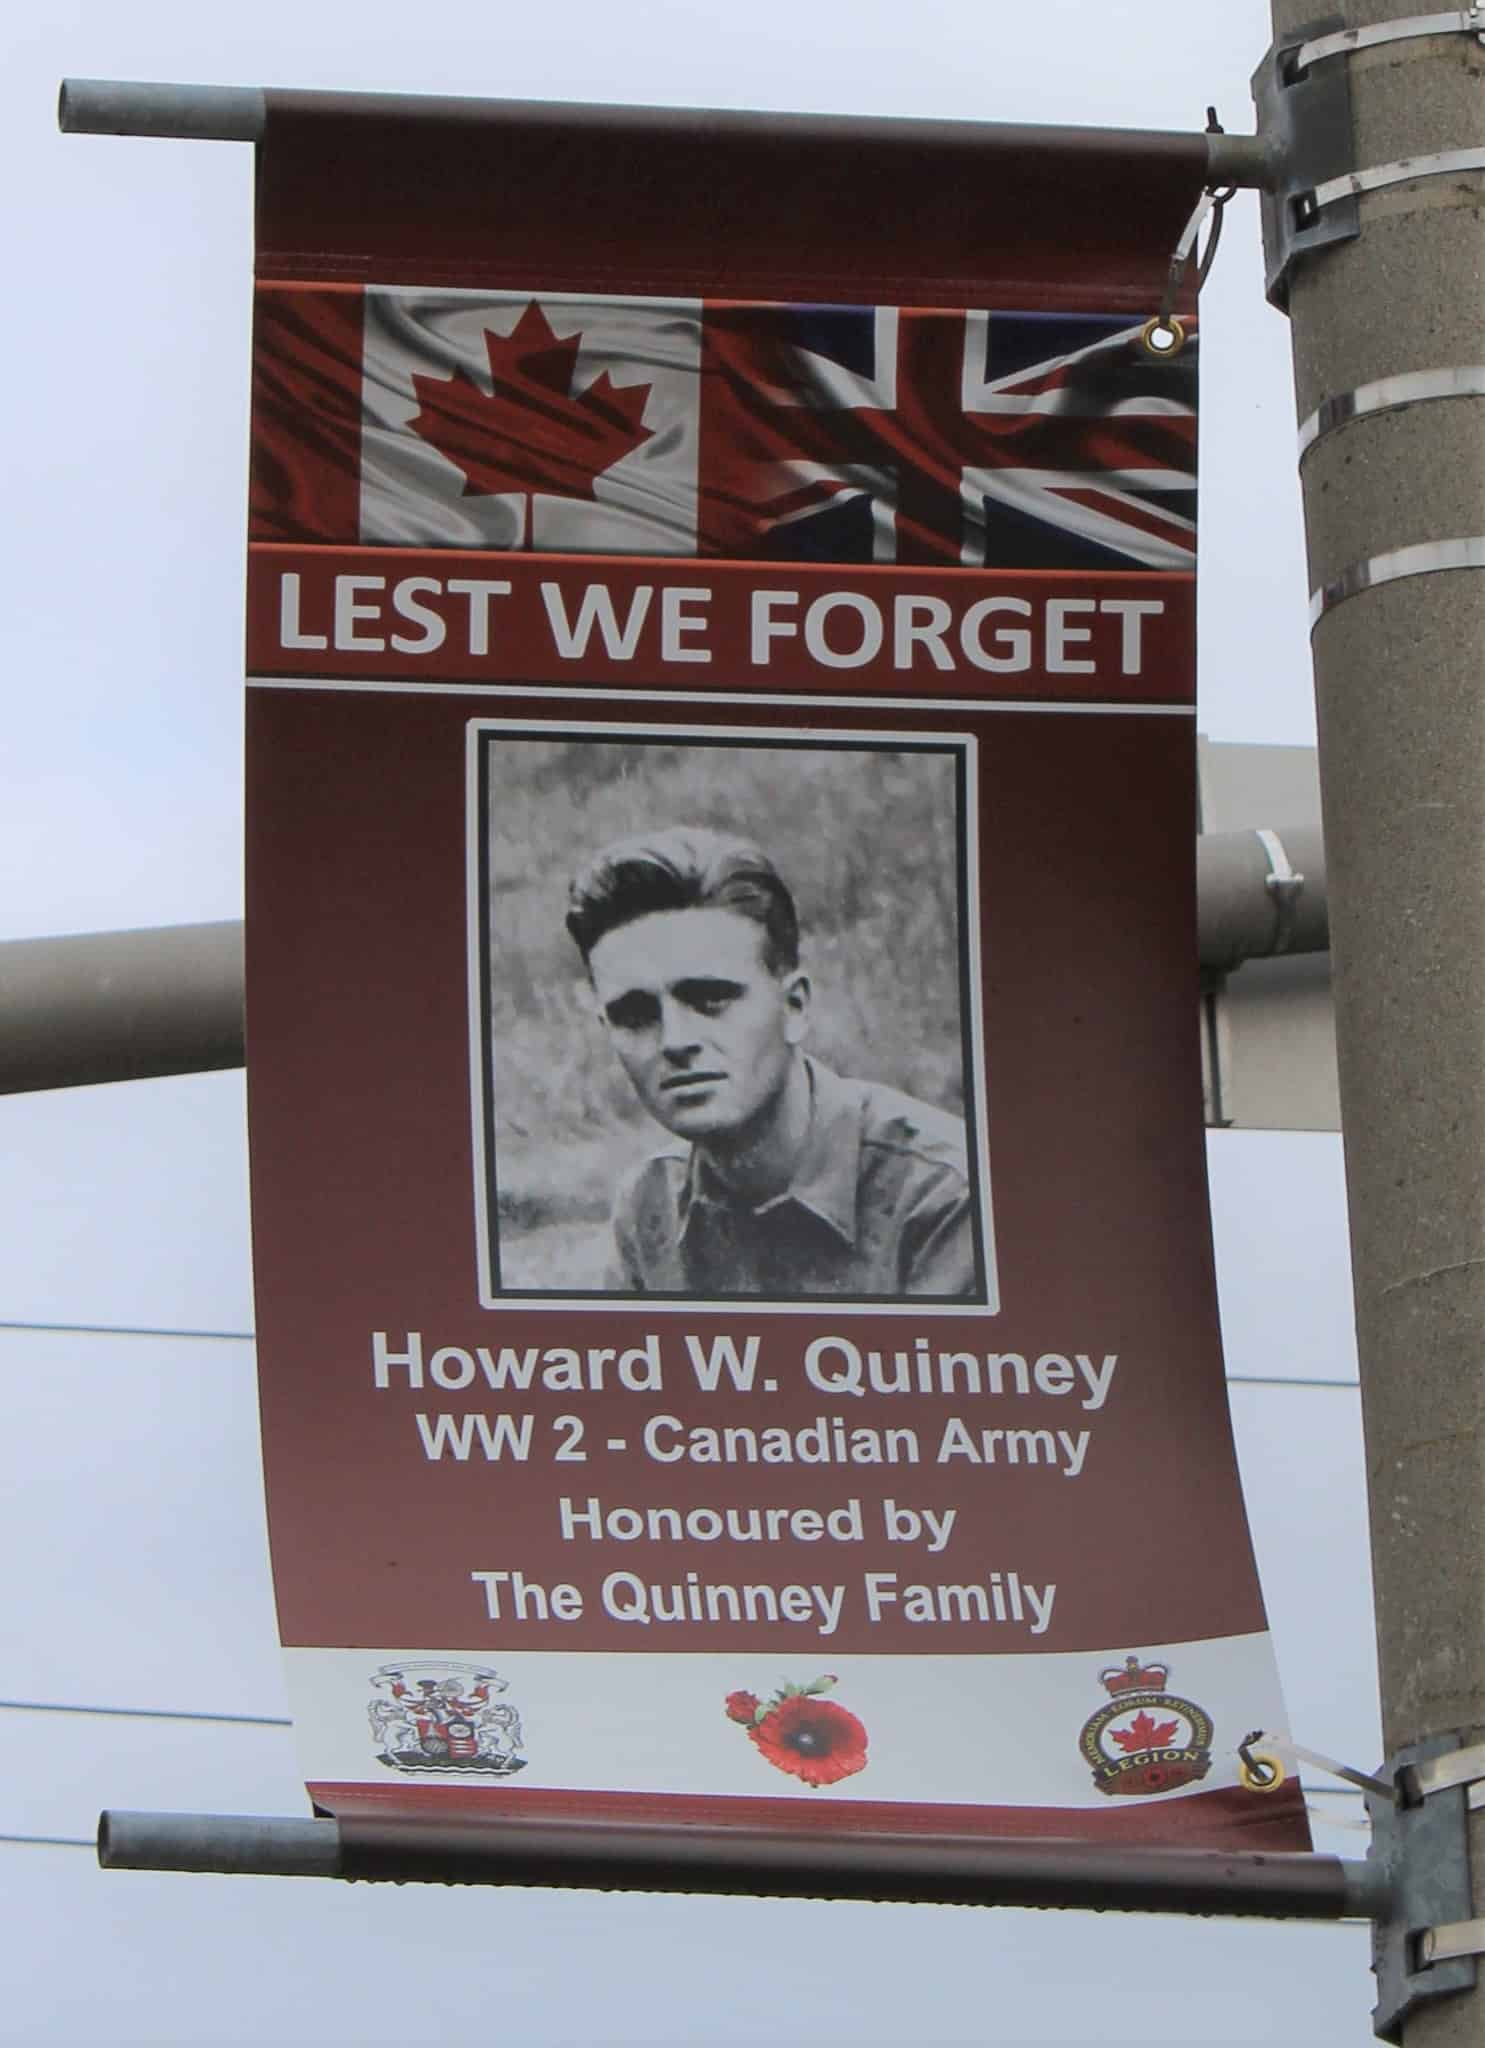 Howard Wesley Quinney, military engineer